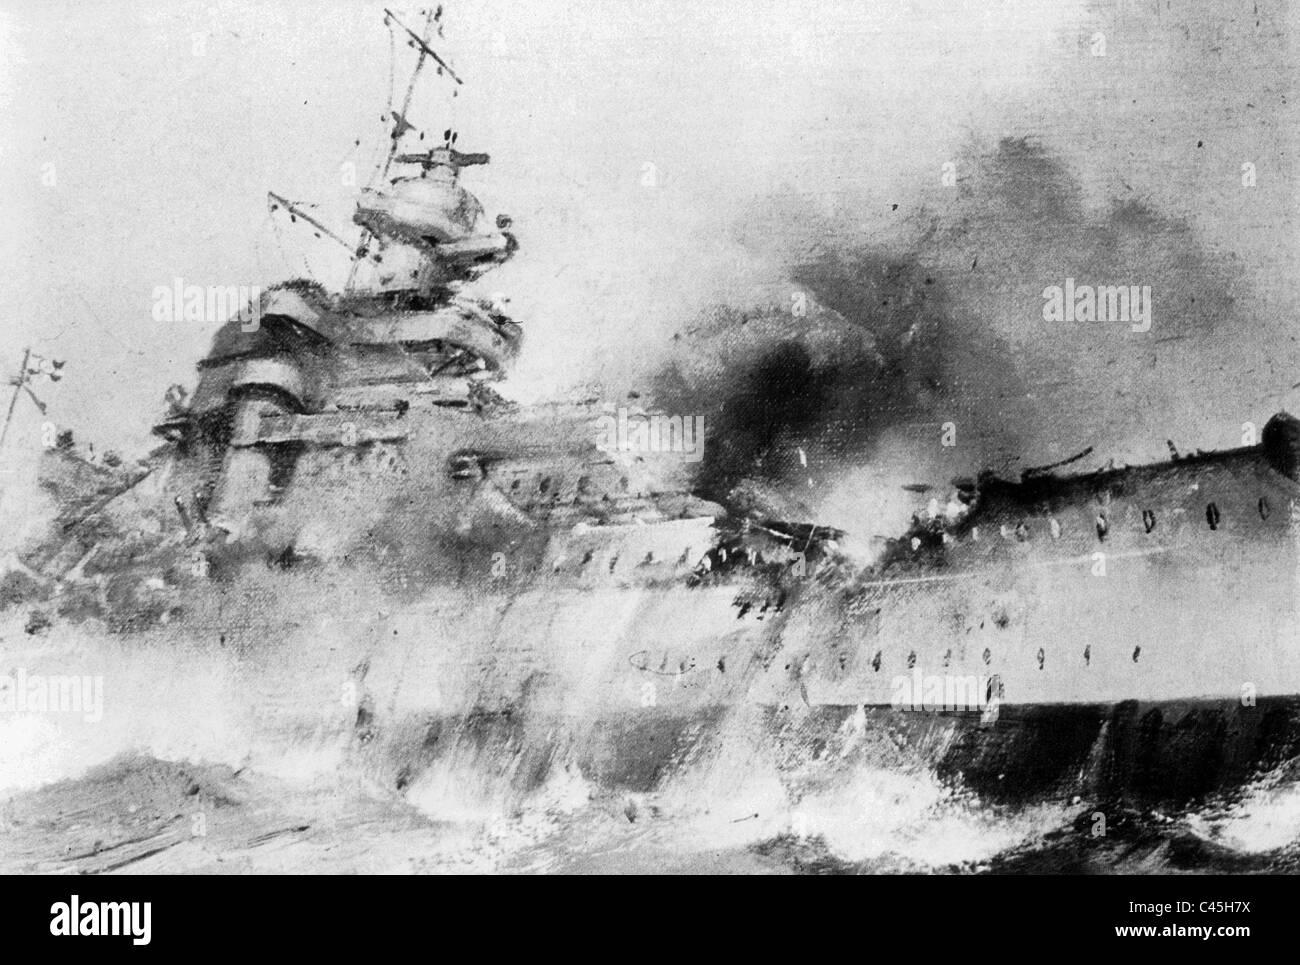 drawing-of-the-sinking-battleship-bismarck-C45H7X.jpg